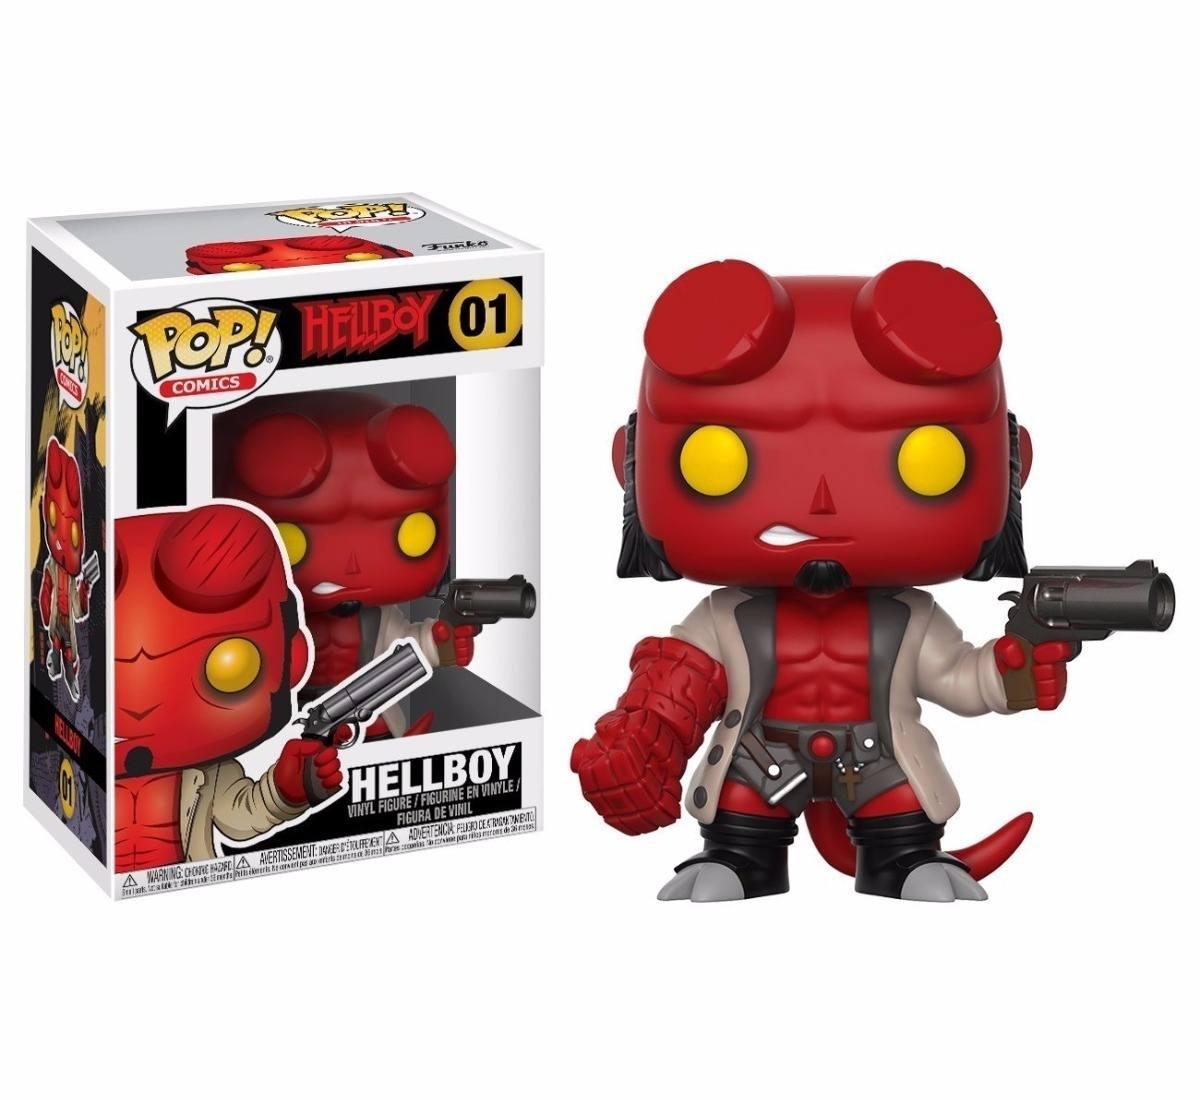 Hellboy - Funko Pop!